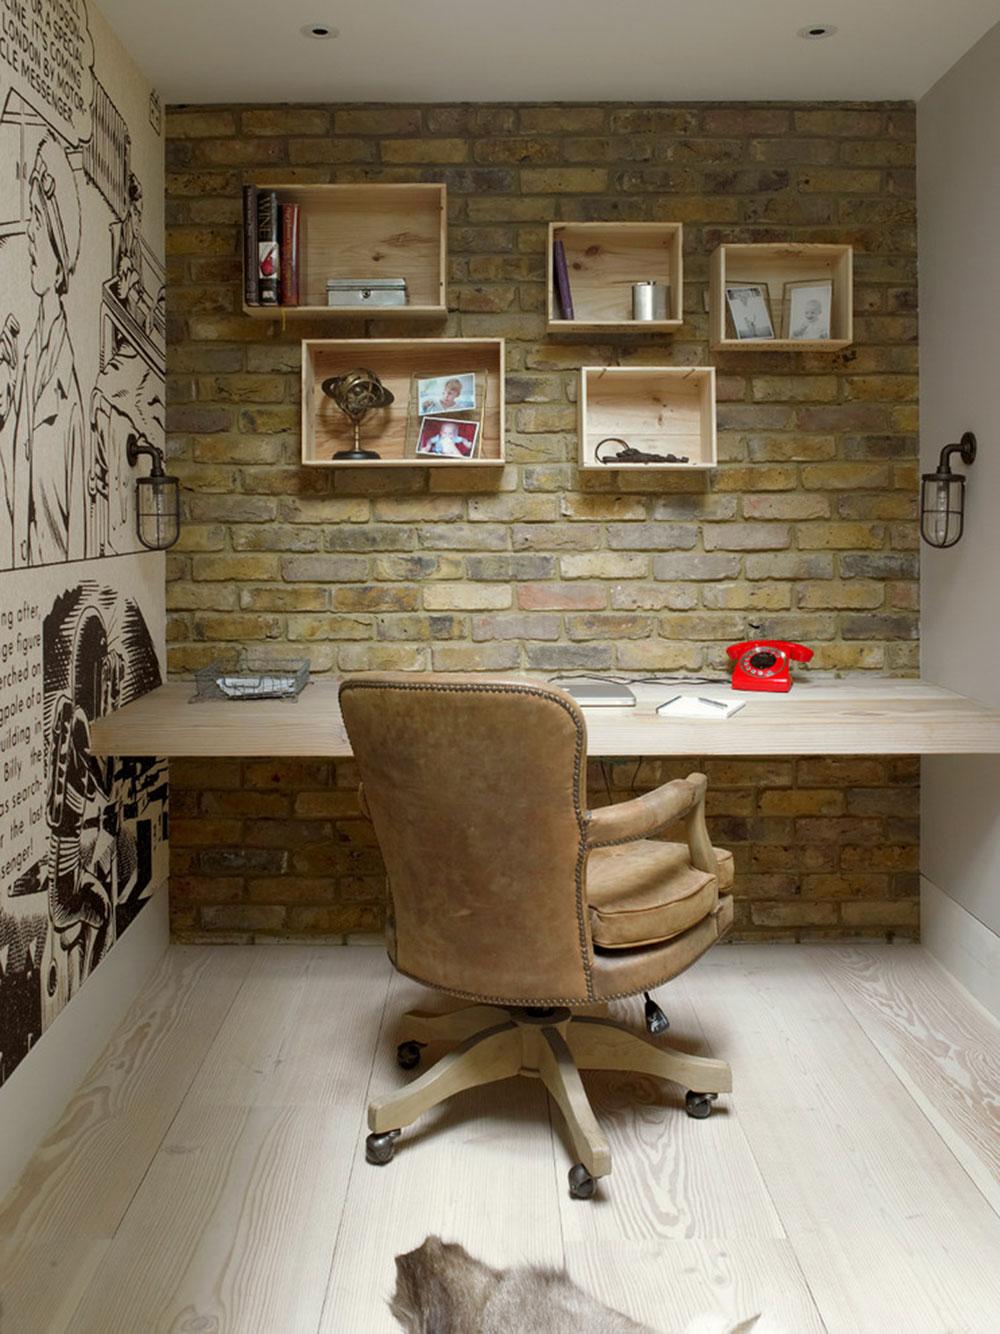 DIY-vägg-skrivbord-för-en-trevlig-jobb8 DIY väggmonterade skrivbord designidéer